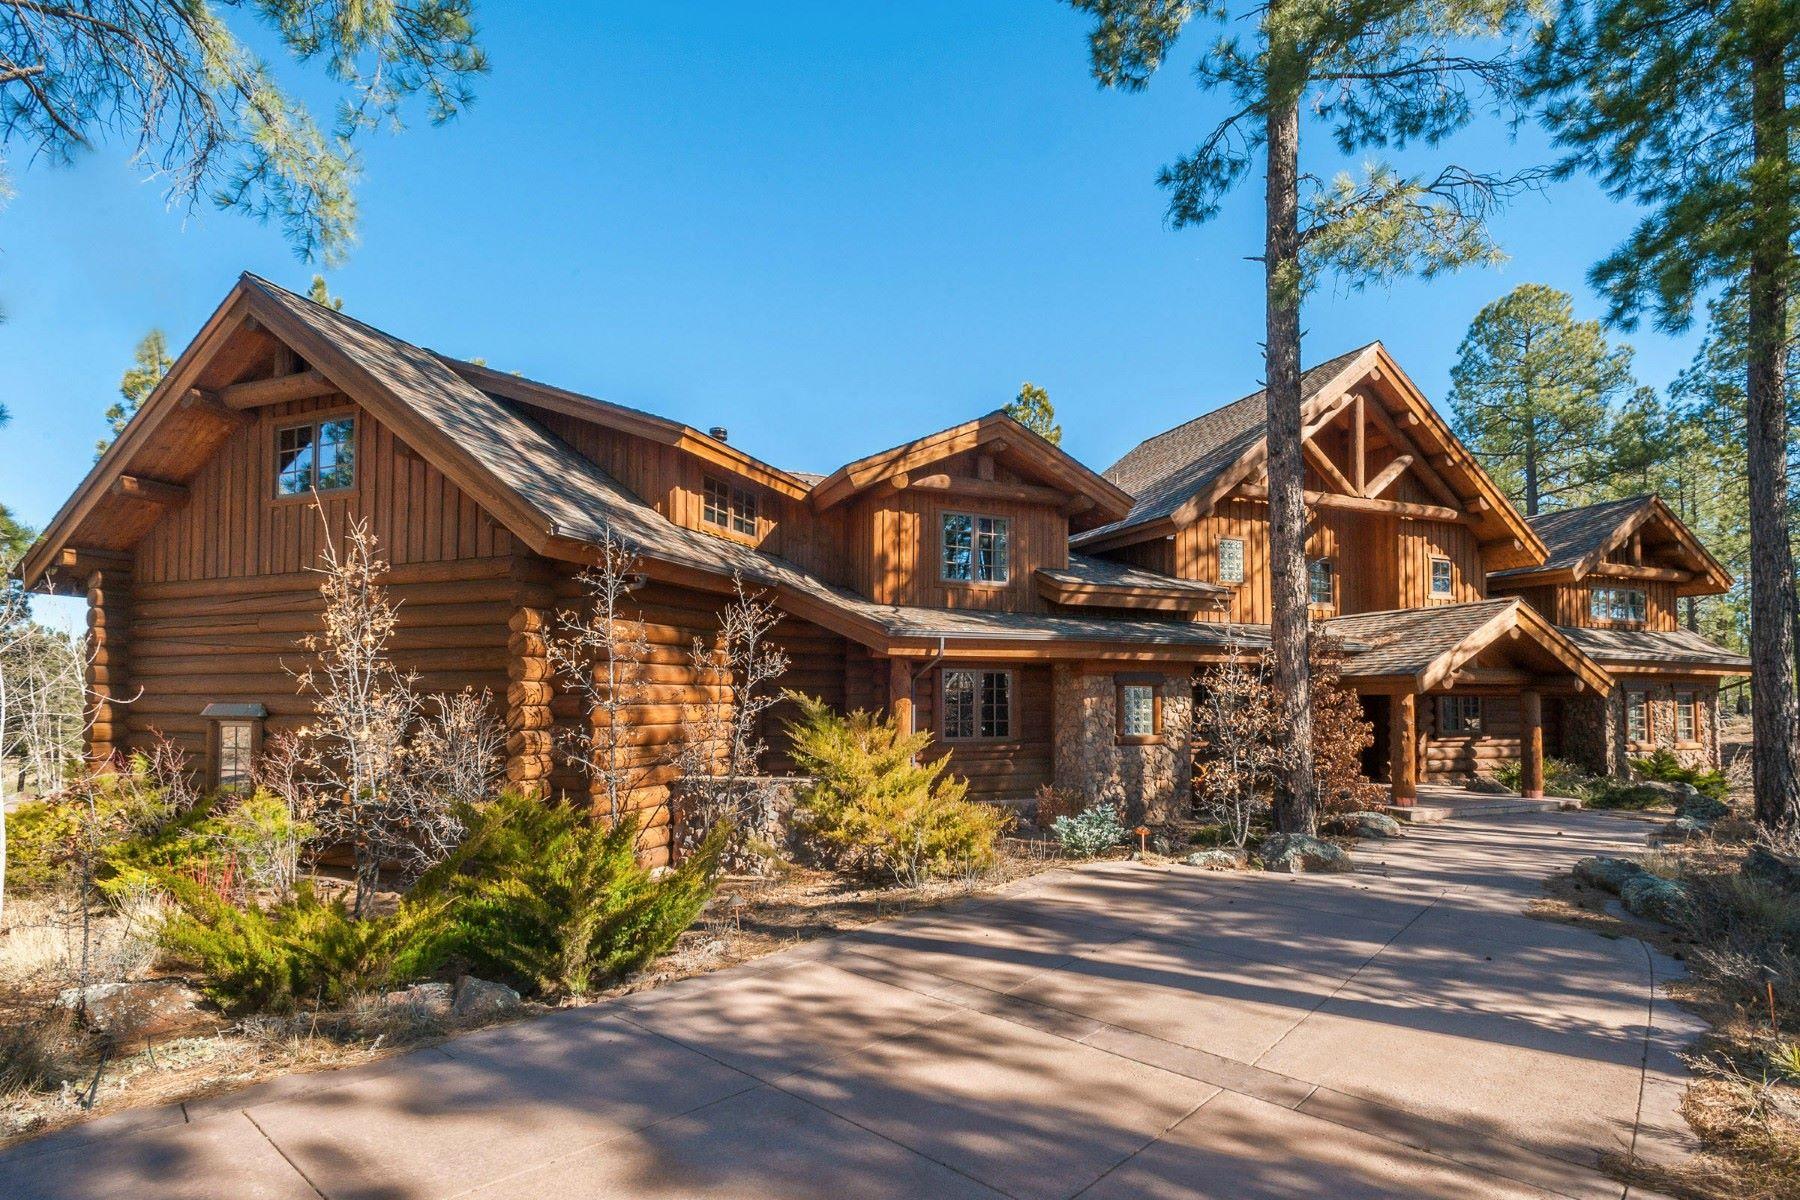 独户住宅 为 销售 在 Magnificent Luxury Log Retreat 2892 Andrew Douglass 弗拉格斯塔夫, 亚利桑那州, 86005 美国